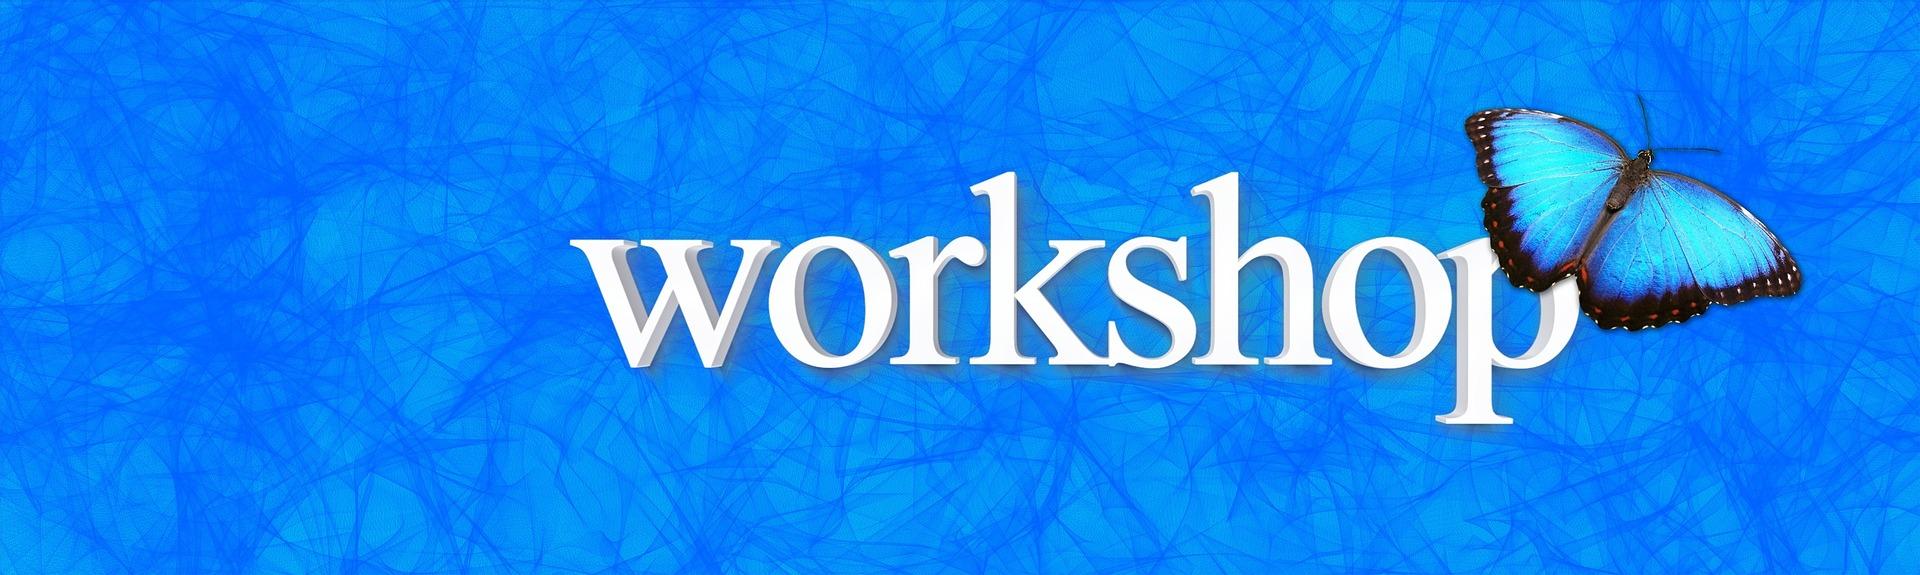 Các khóa học trực tuyến về phát triển nghề nghiệp chuyên môn